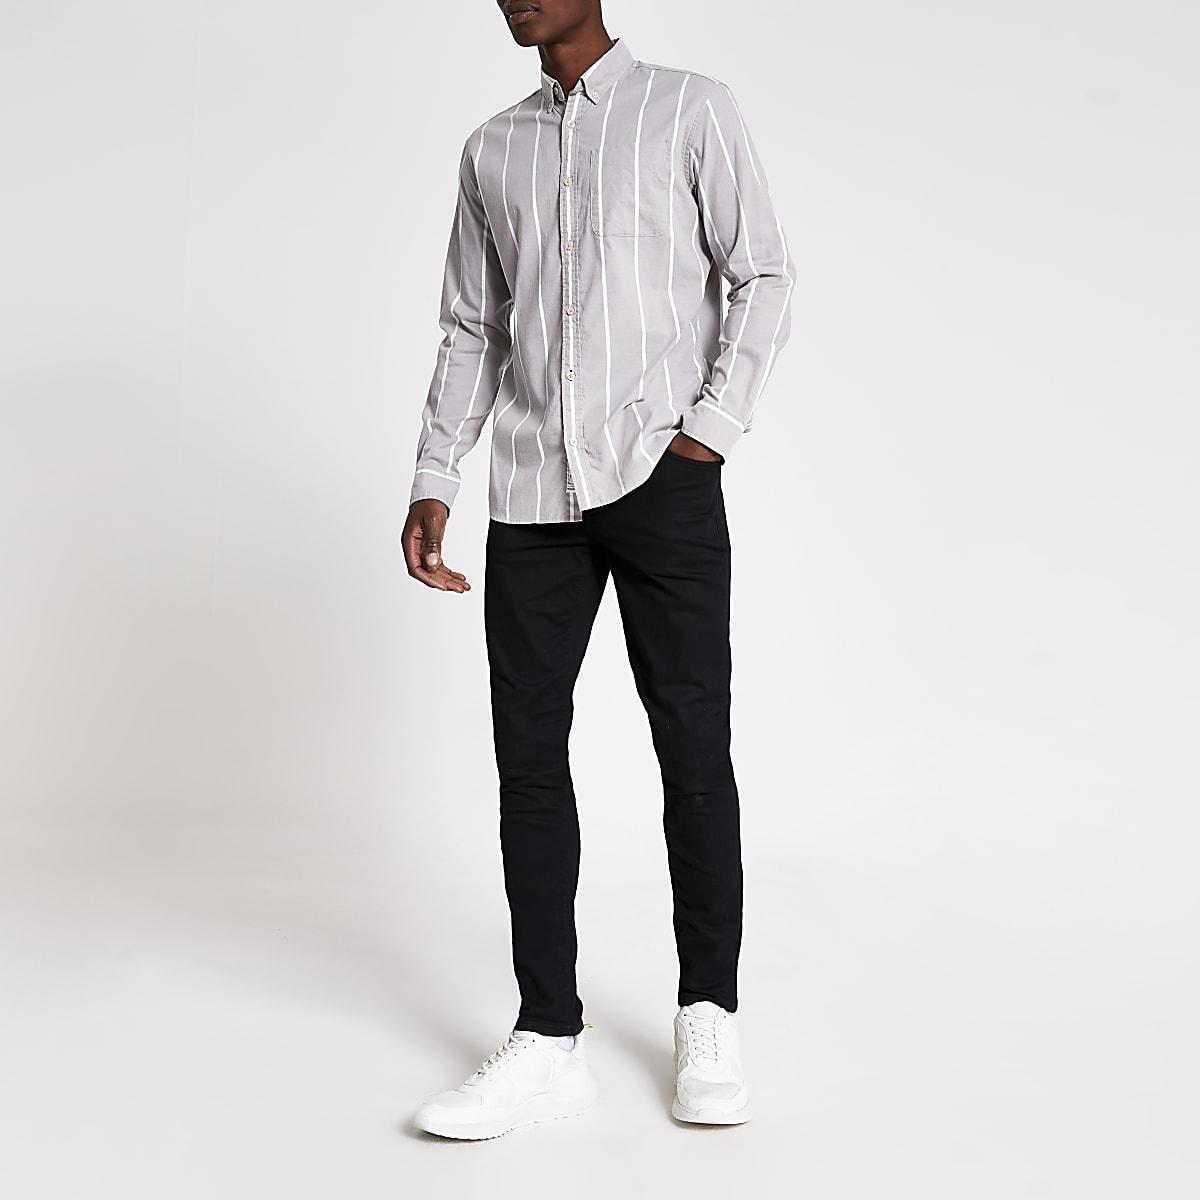 Jack and Jones - Grijs gestreept overhemd met lange mouwen